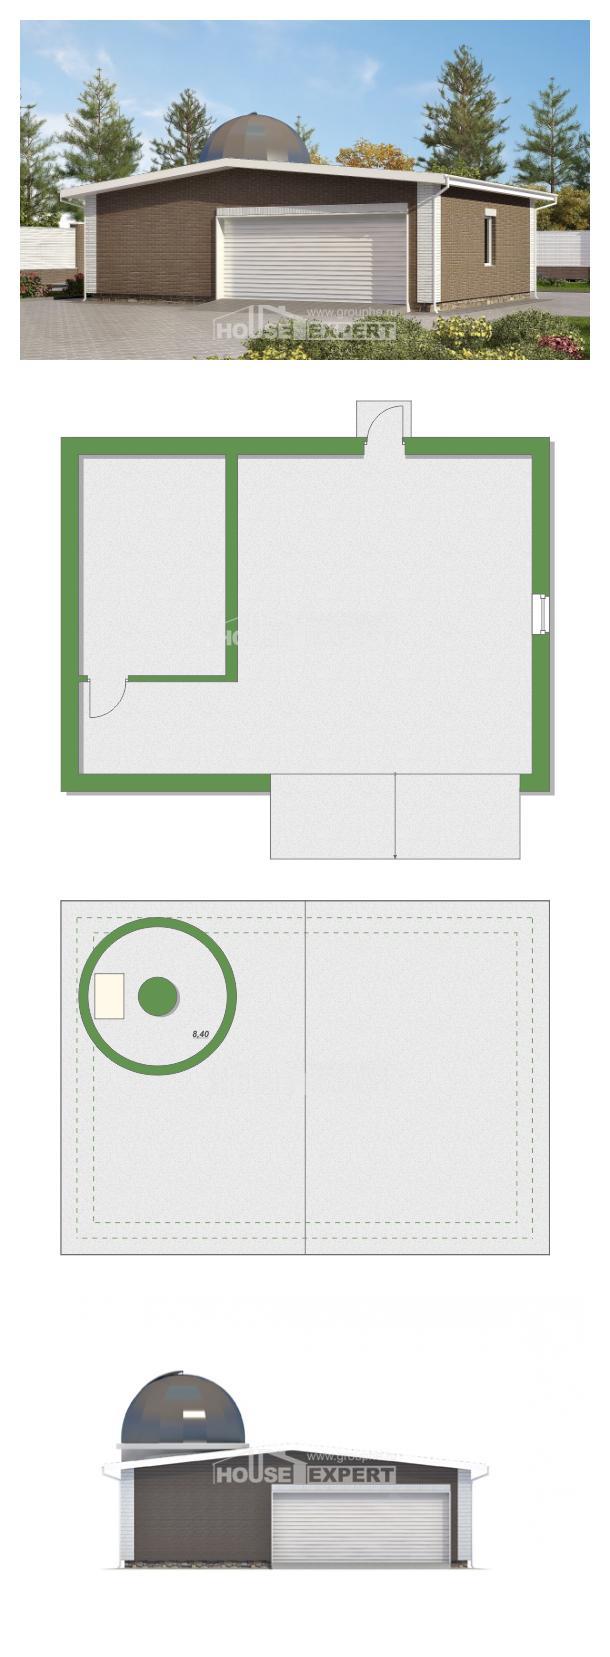 Проект дома 075-001-П | House Expert